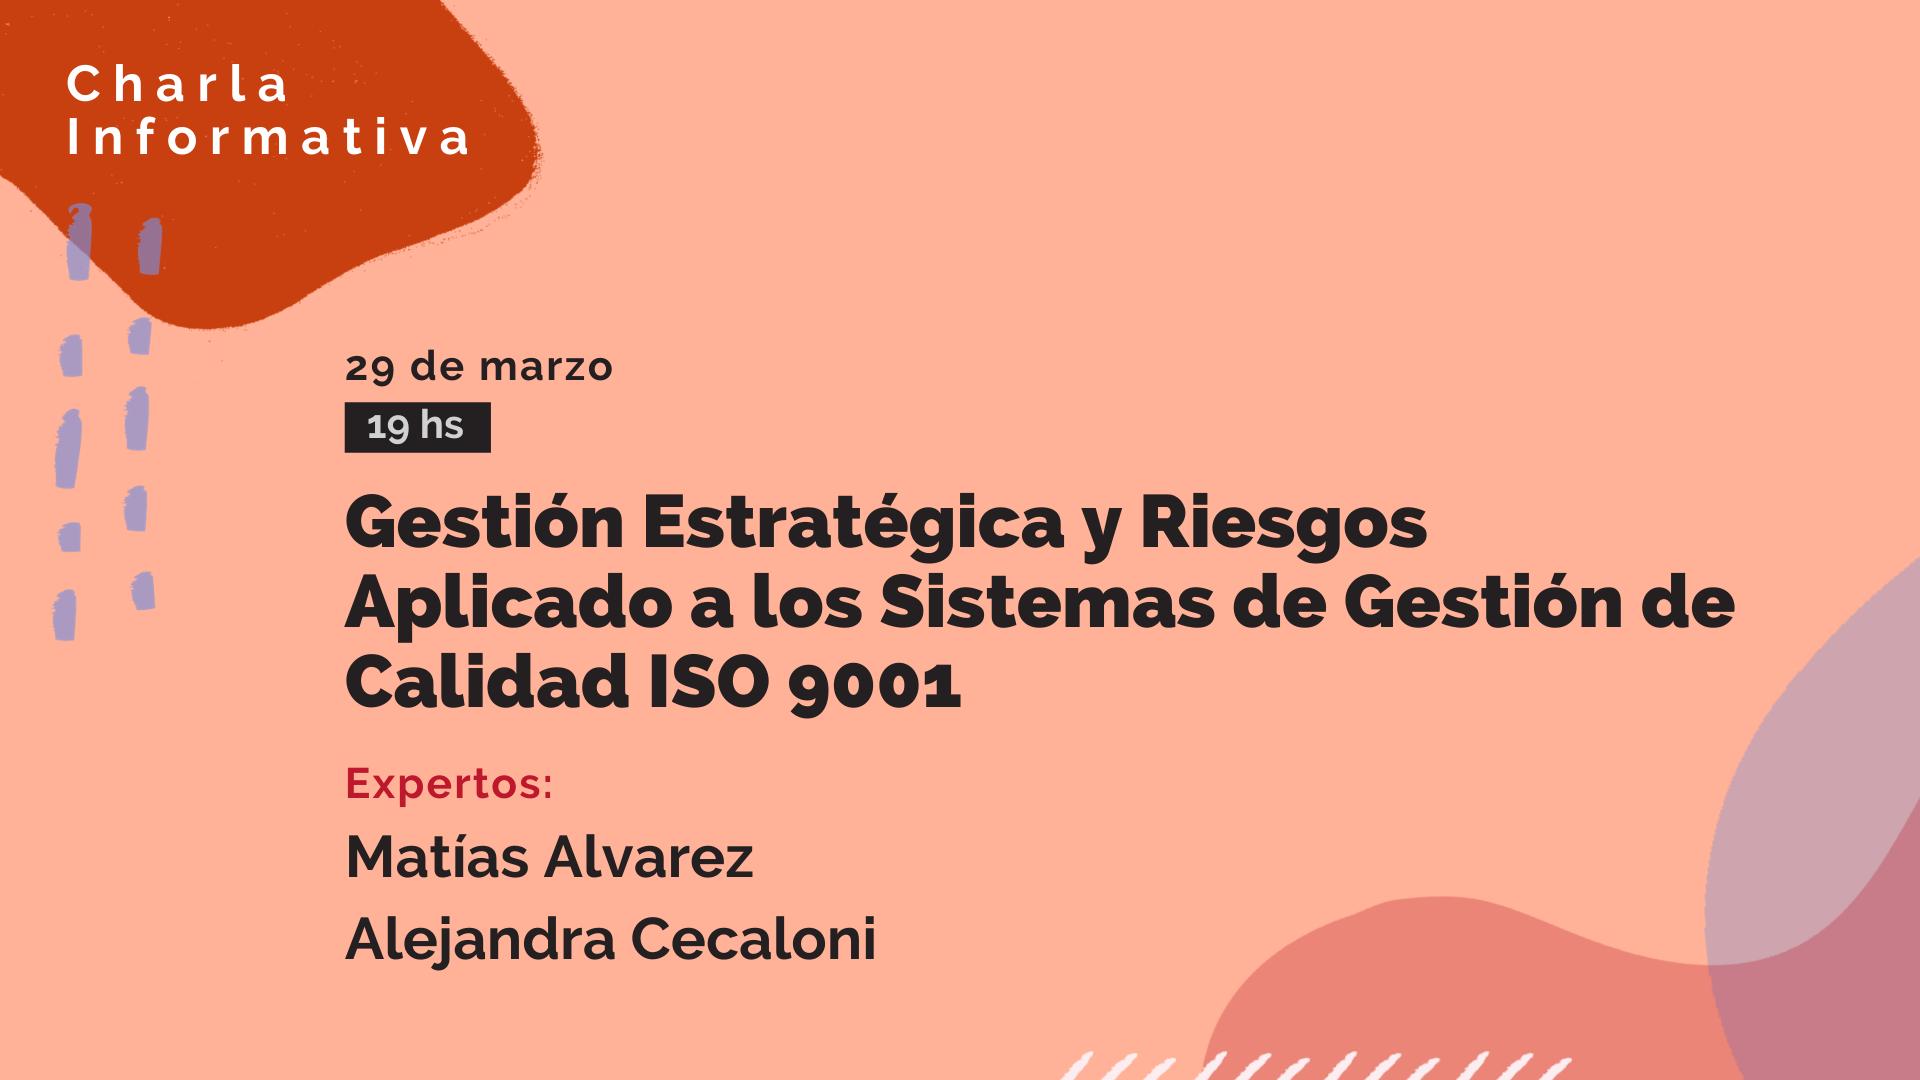 Charla informativa_Gestión riesgos ISO 9001